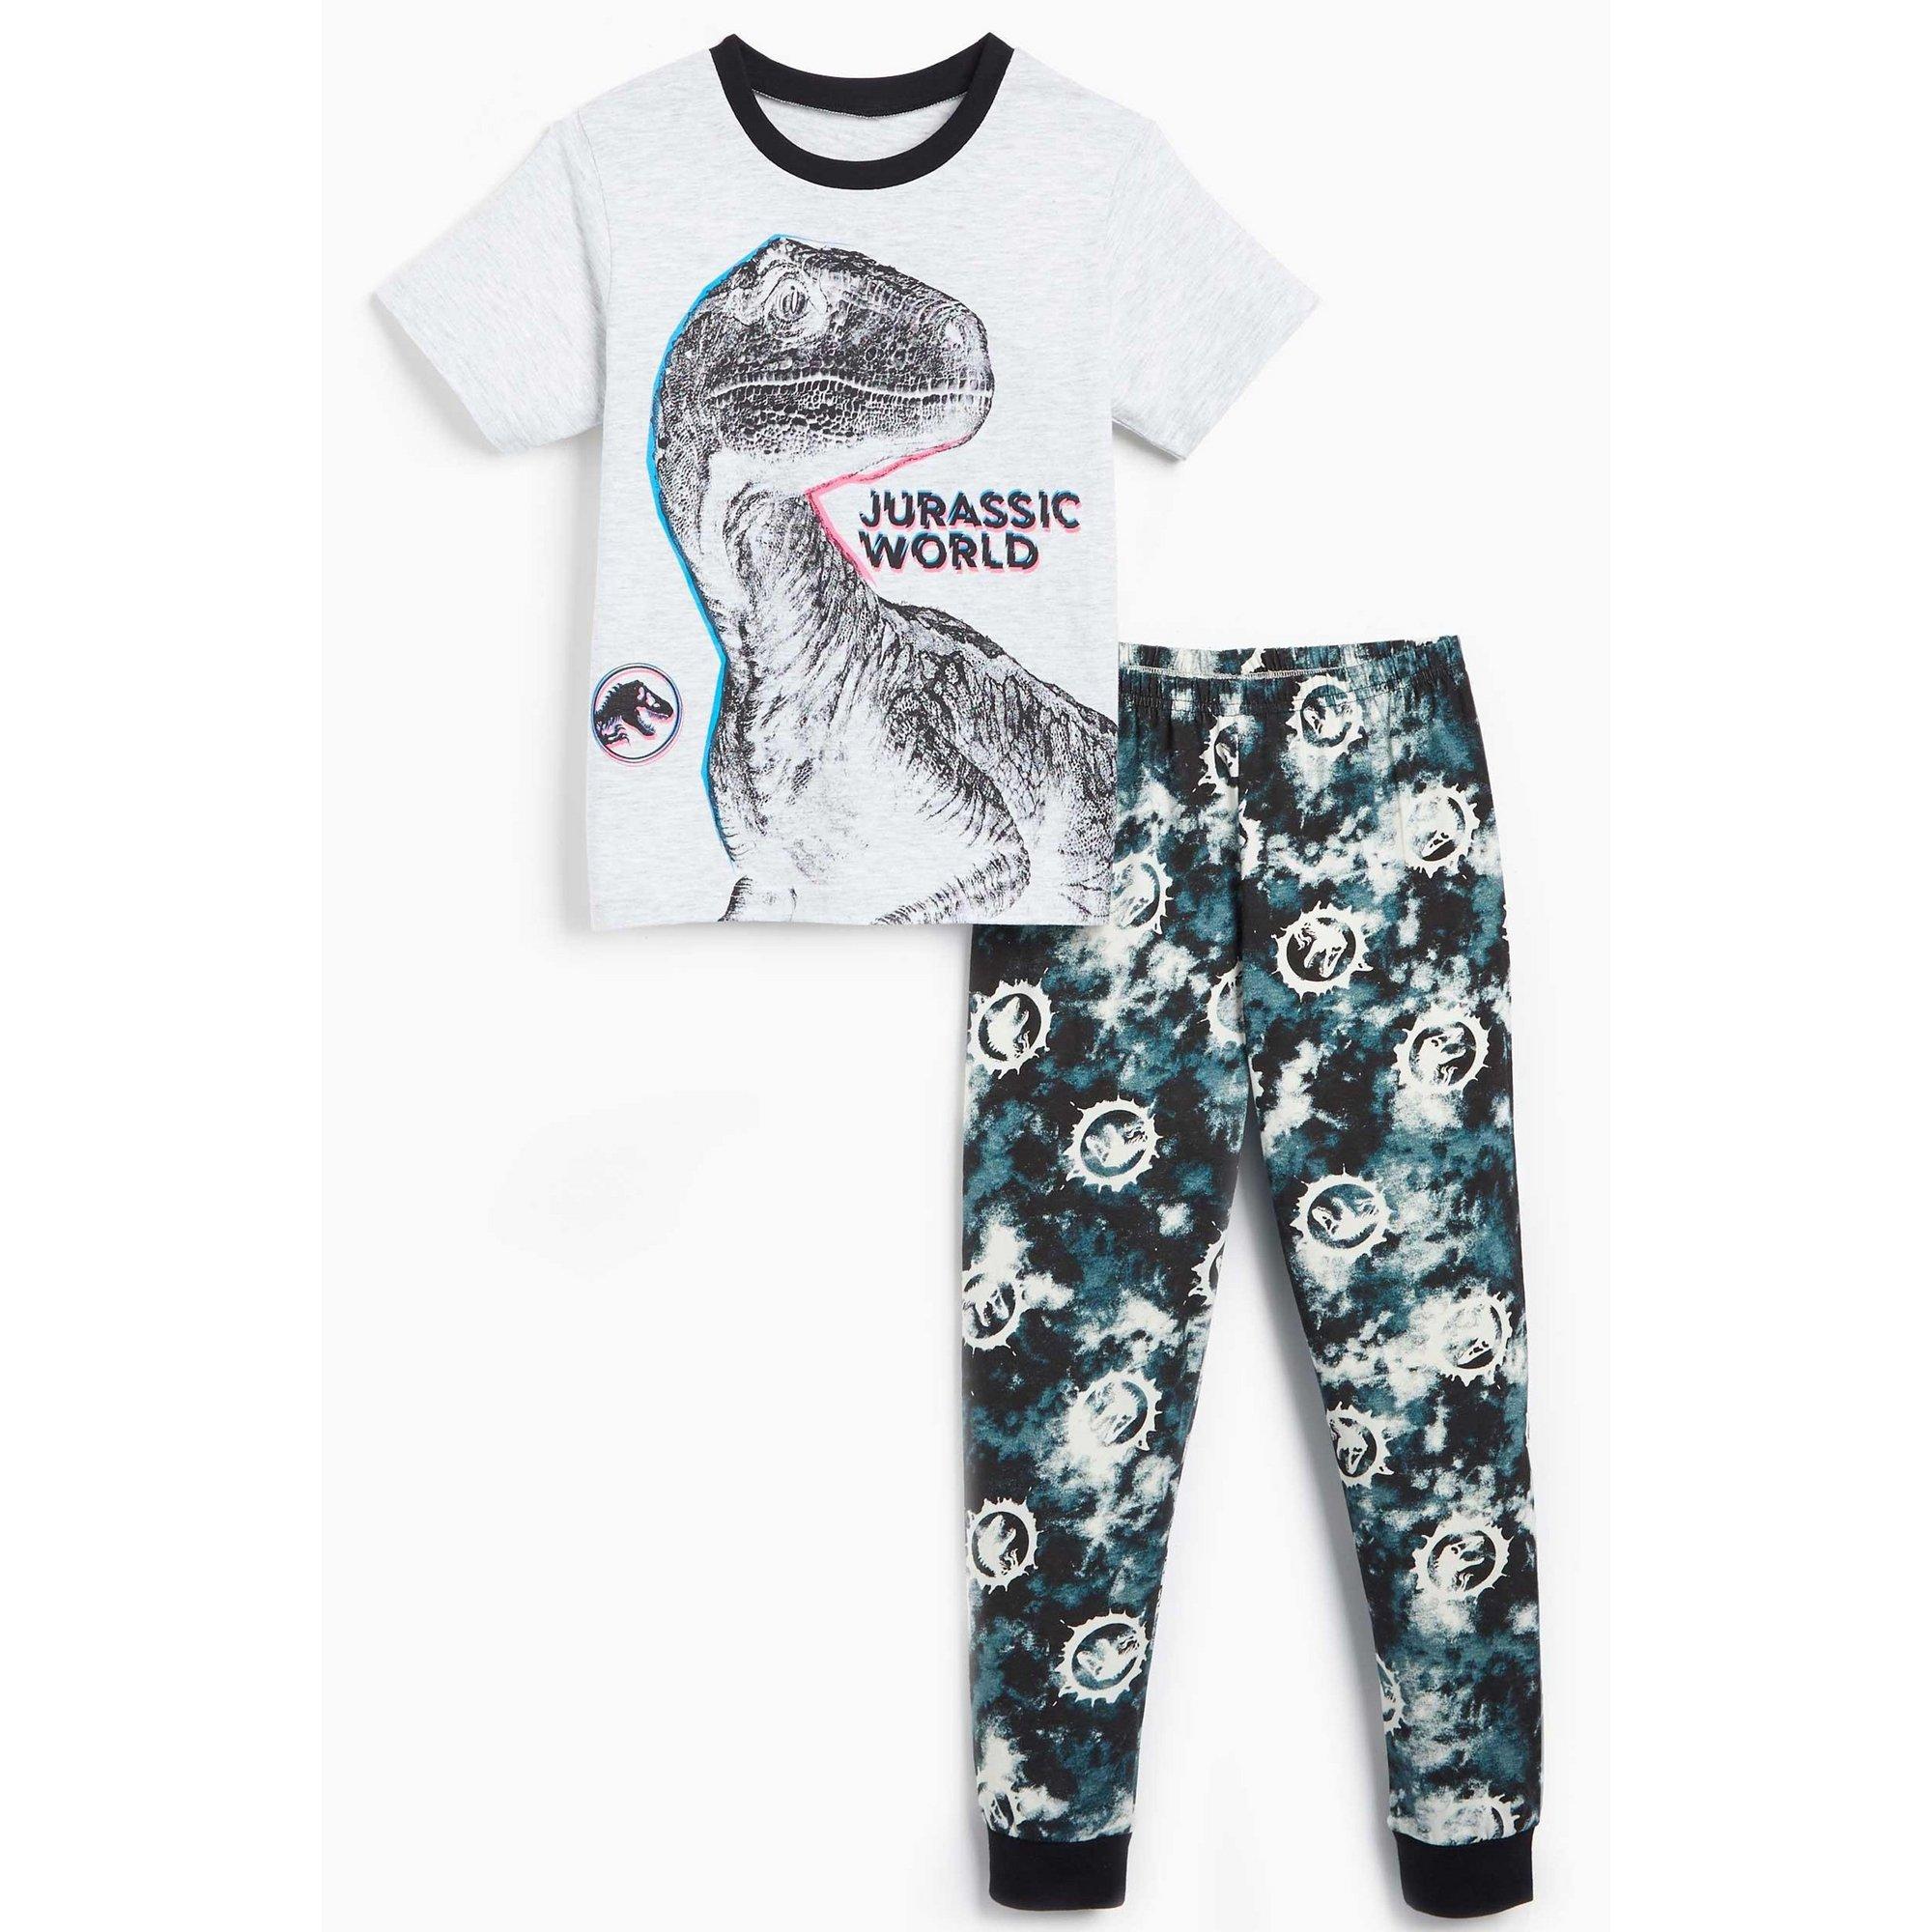 Image of Boys Jurassic World Camo Pyjamas